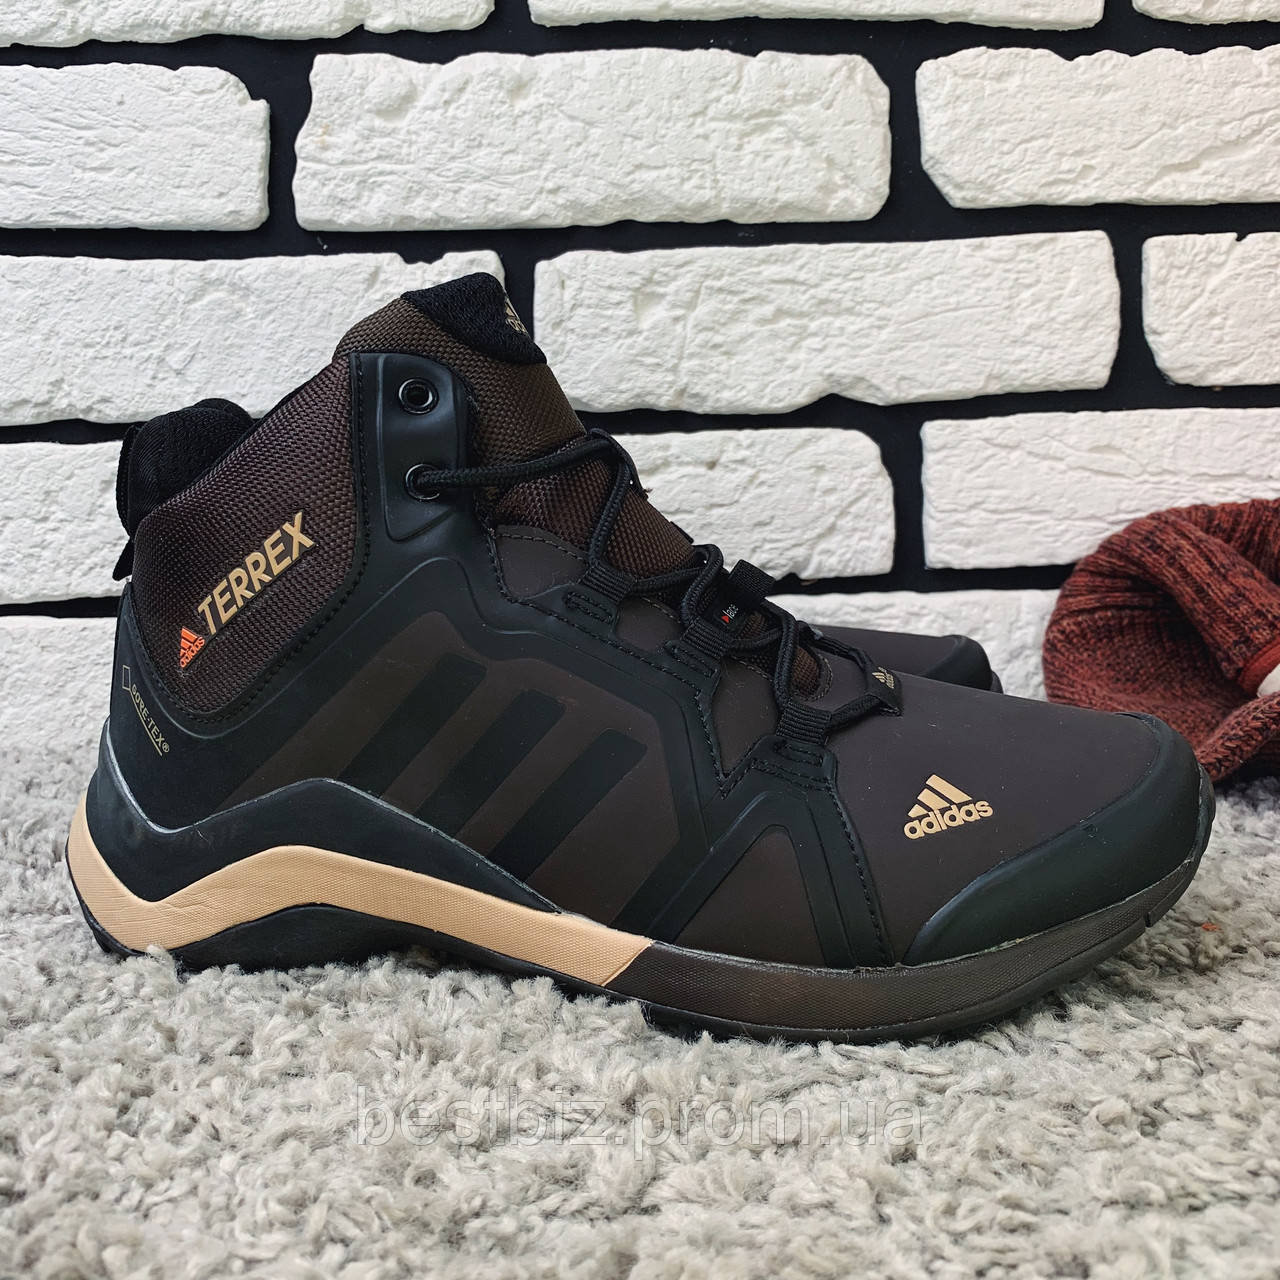 Зимові черевики (на хутрі) Adidas TERREX 3-175 ⏩ 44 (останній розмір)